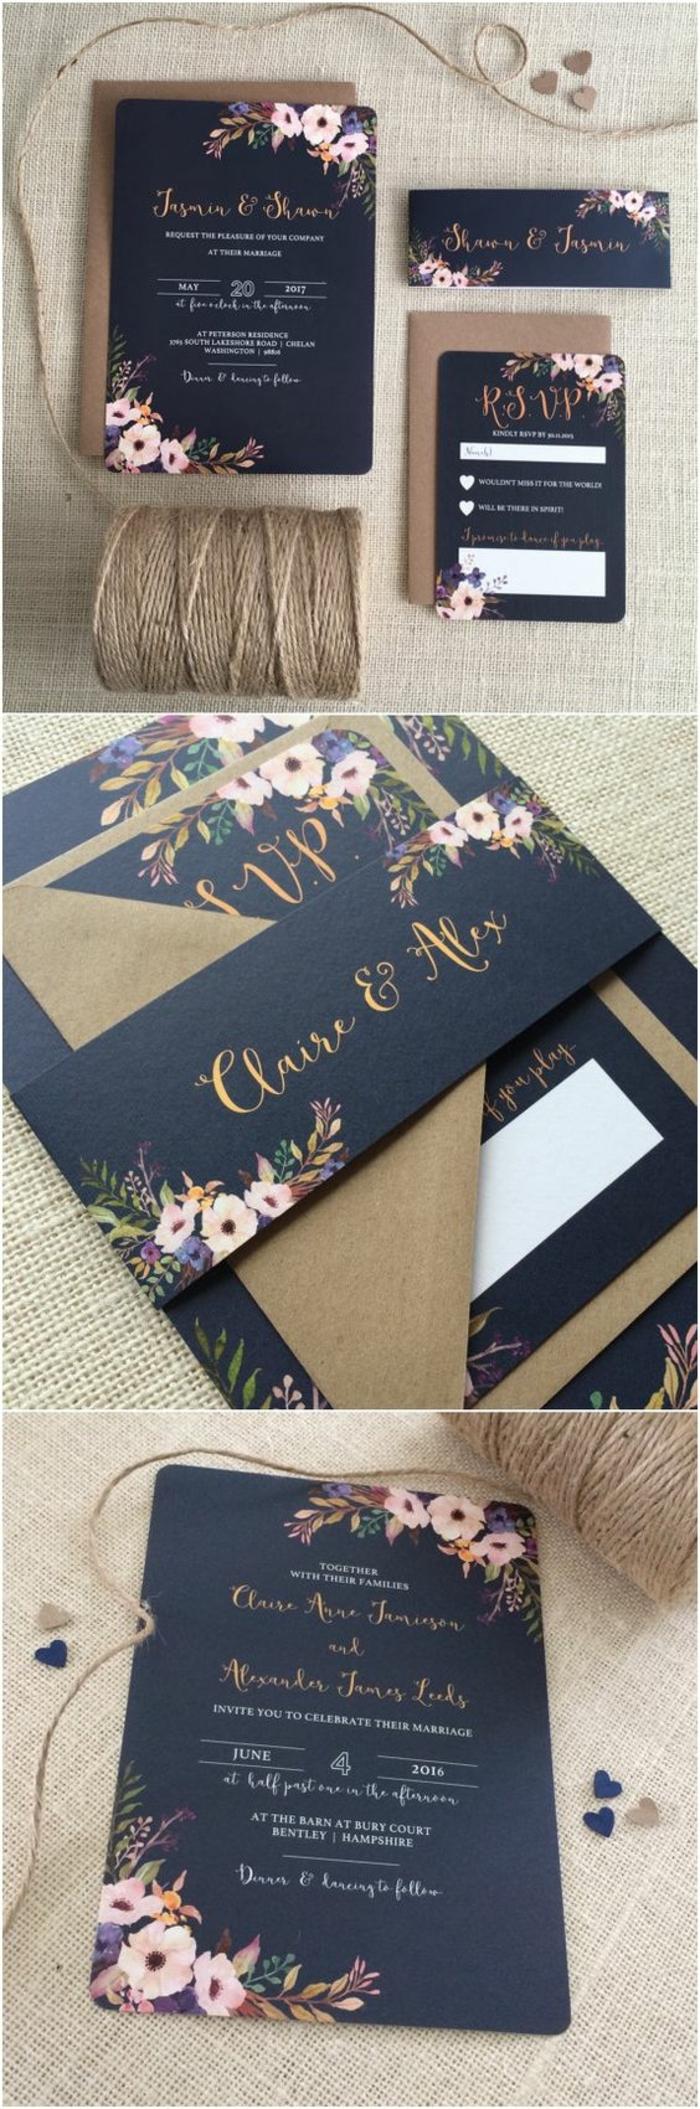 invitaciones de boda vintage, invitación de boda en azul oscuro con letras en dorado, decoración con flores y sobre de papel kraft